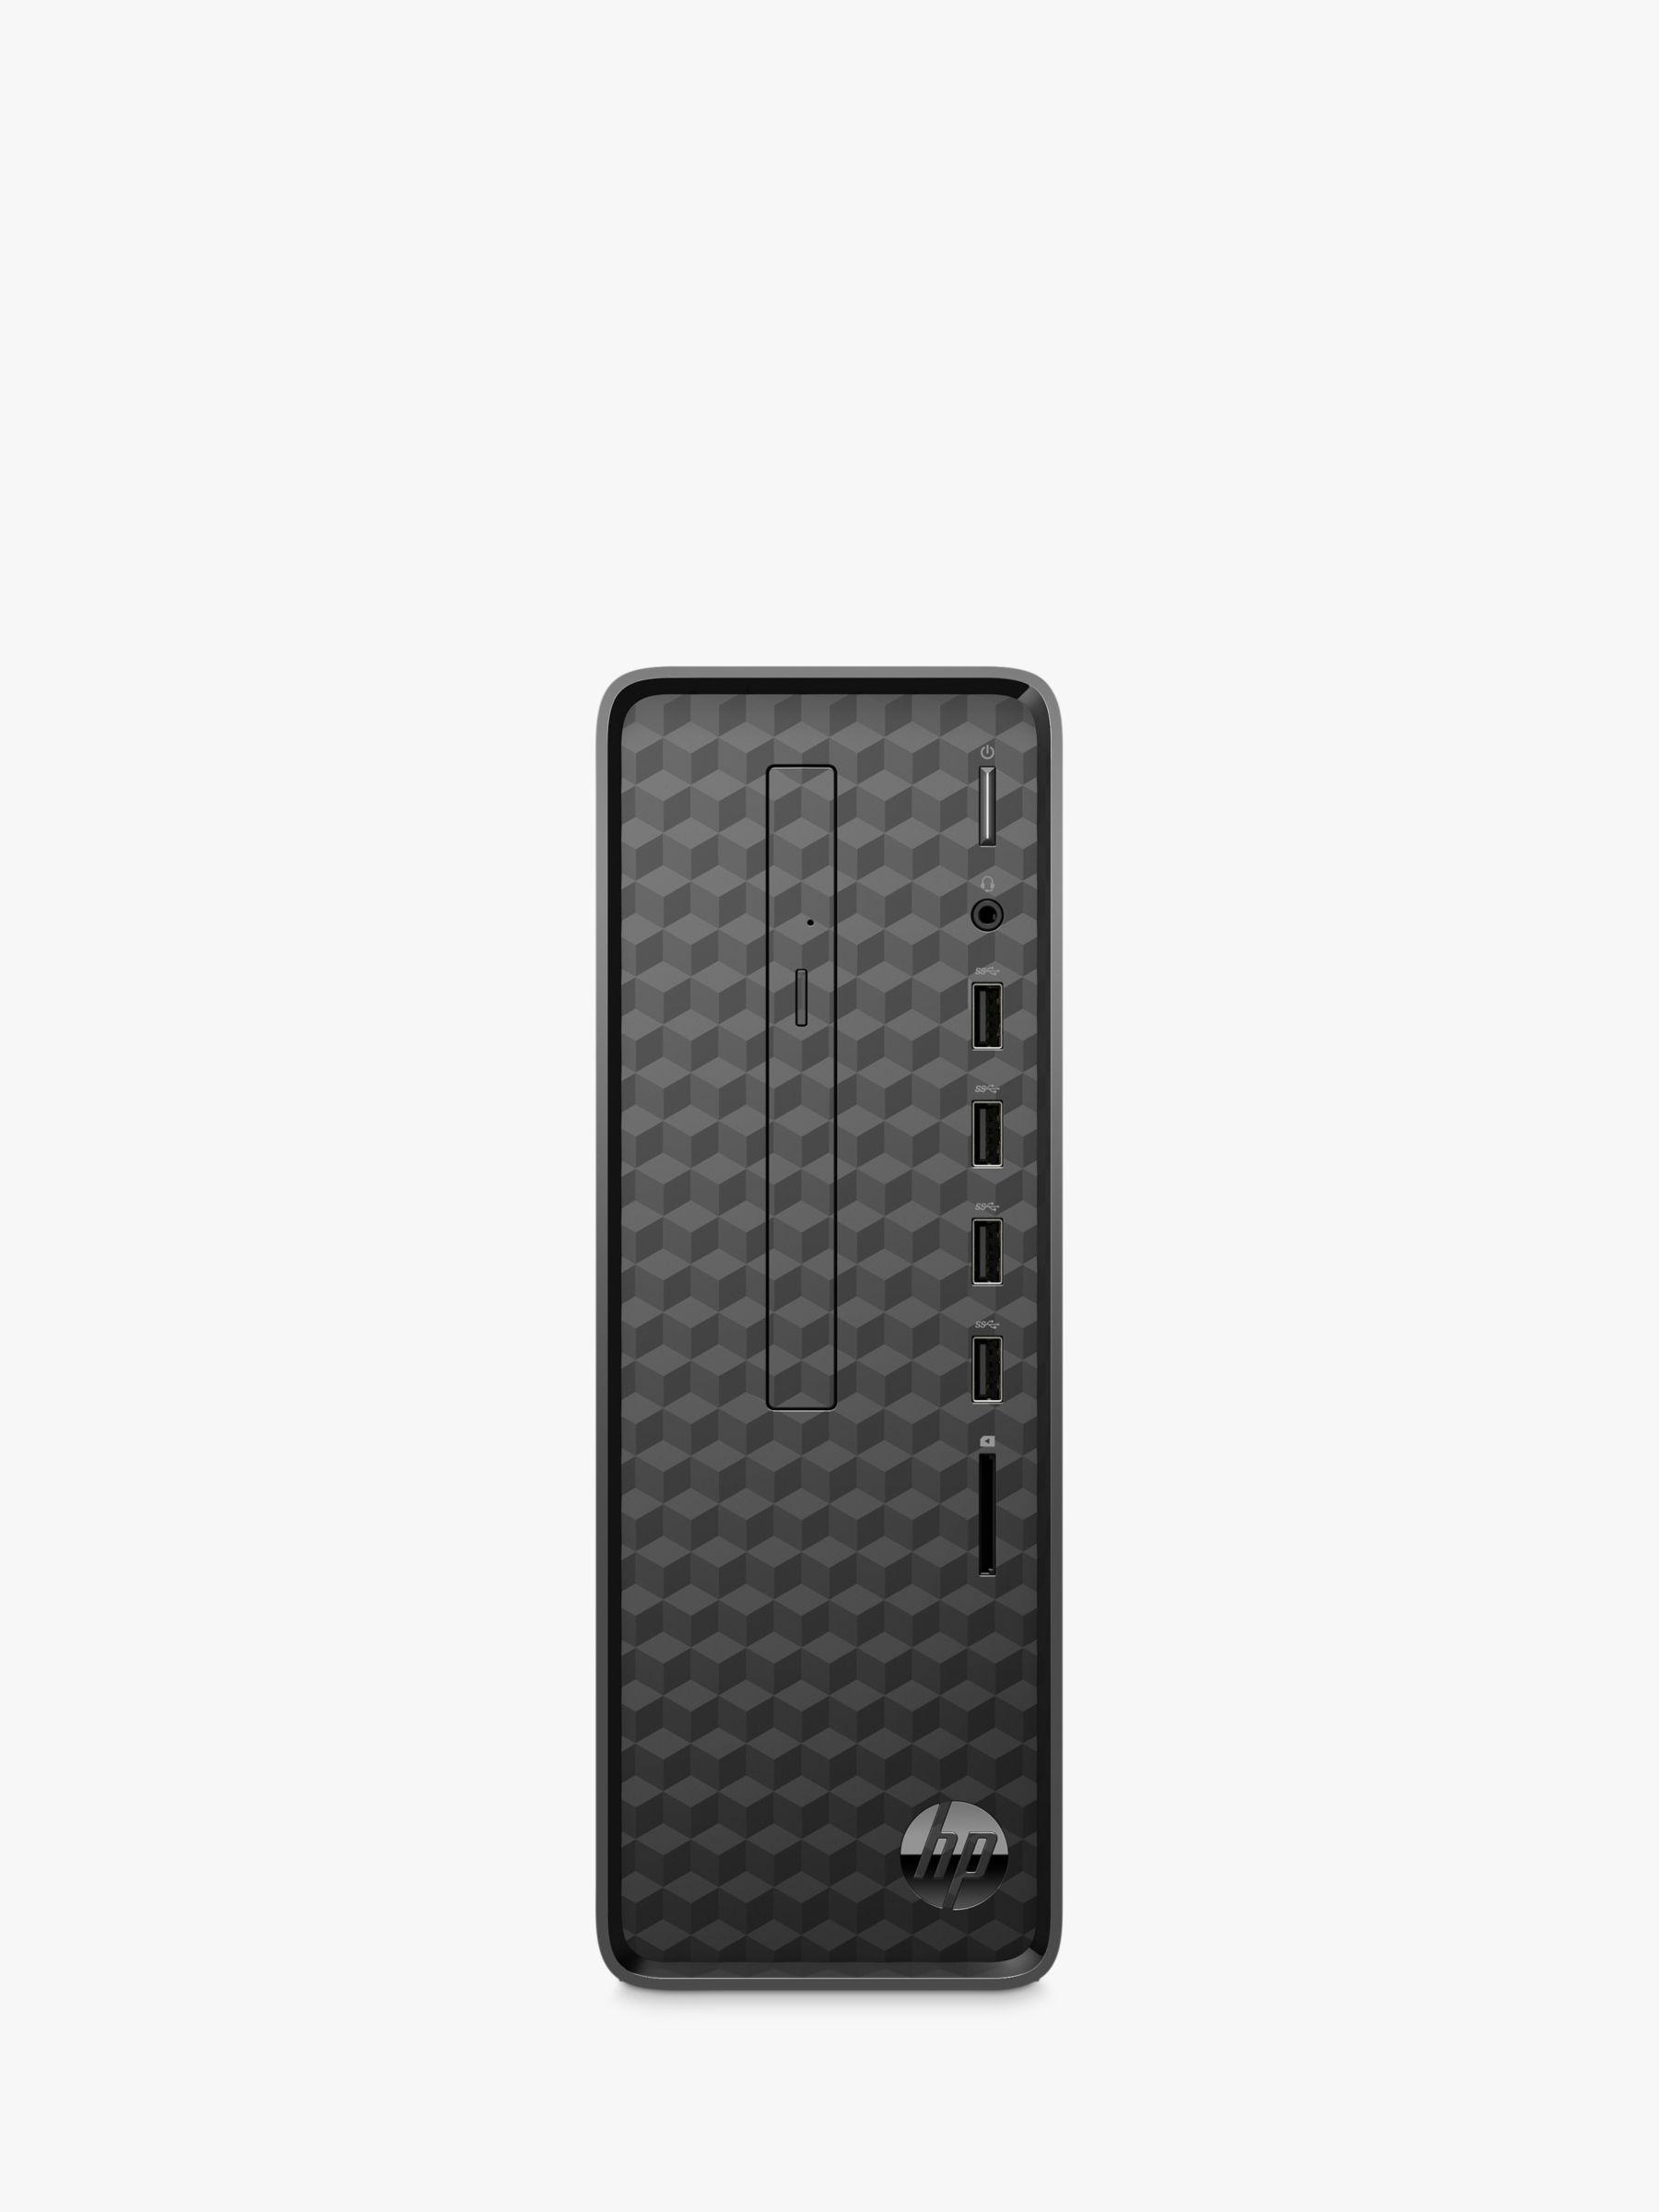 HP Slim S01-aF0010na Desktop PC, AMD Ryzen 3 Processor, 8GB RAM, 1TB HDD